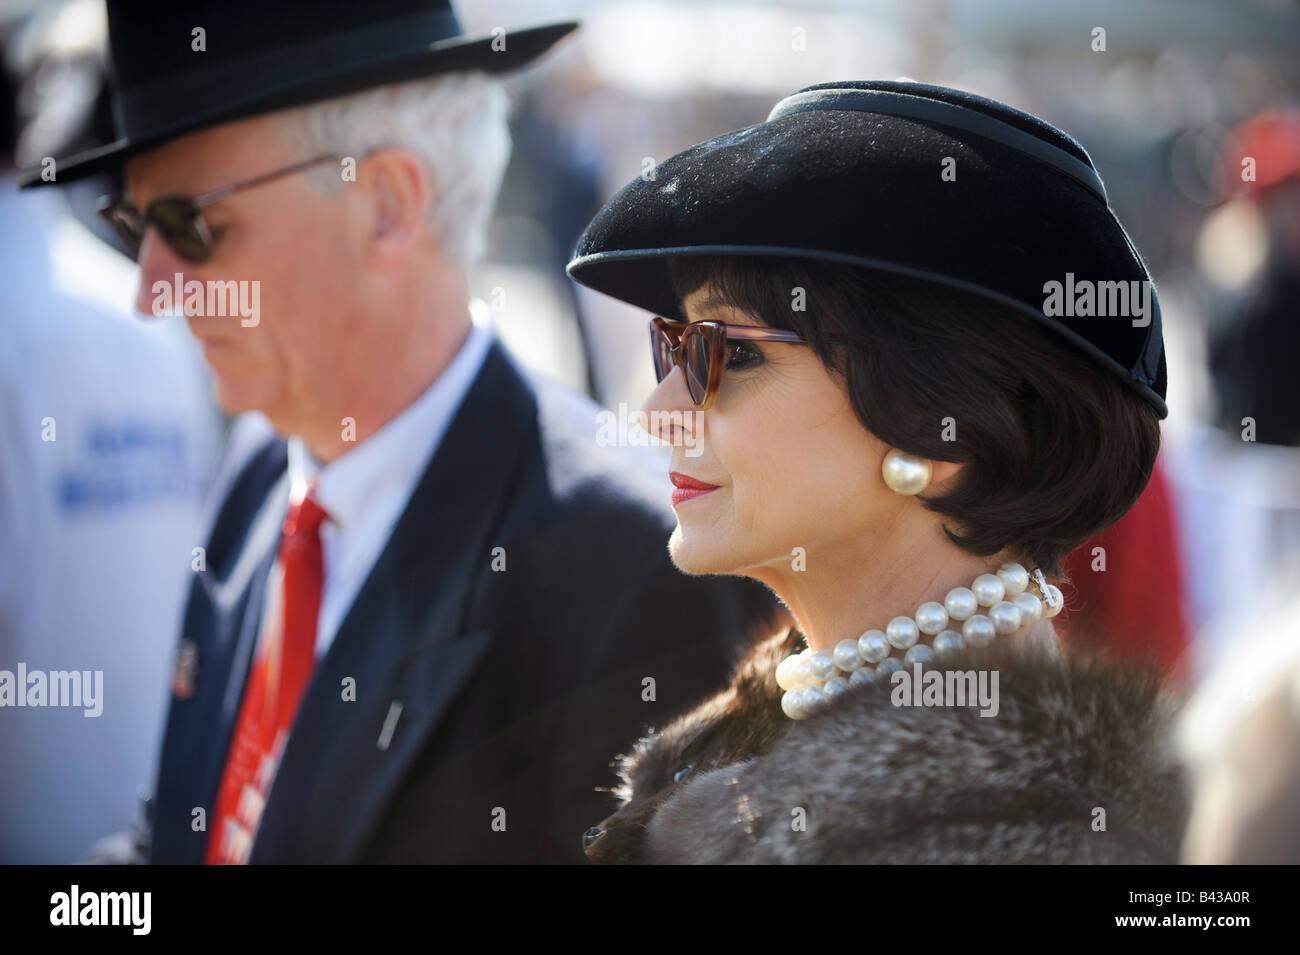 Goodwood Revival 2008 Zeit Mode samt Hut und einen Pelz Tippet. Bild von Jim Holden. Stockbild